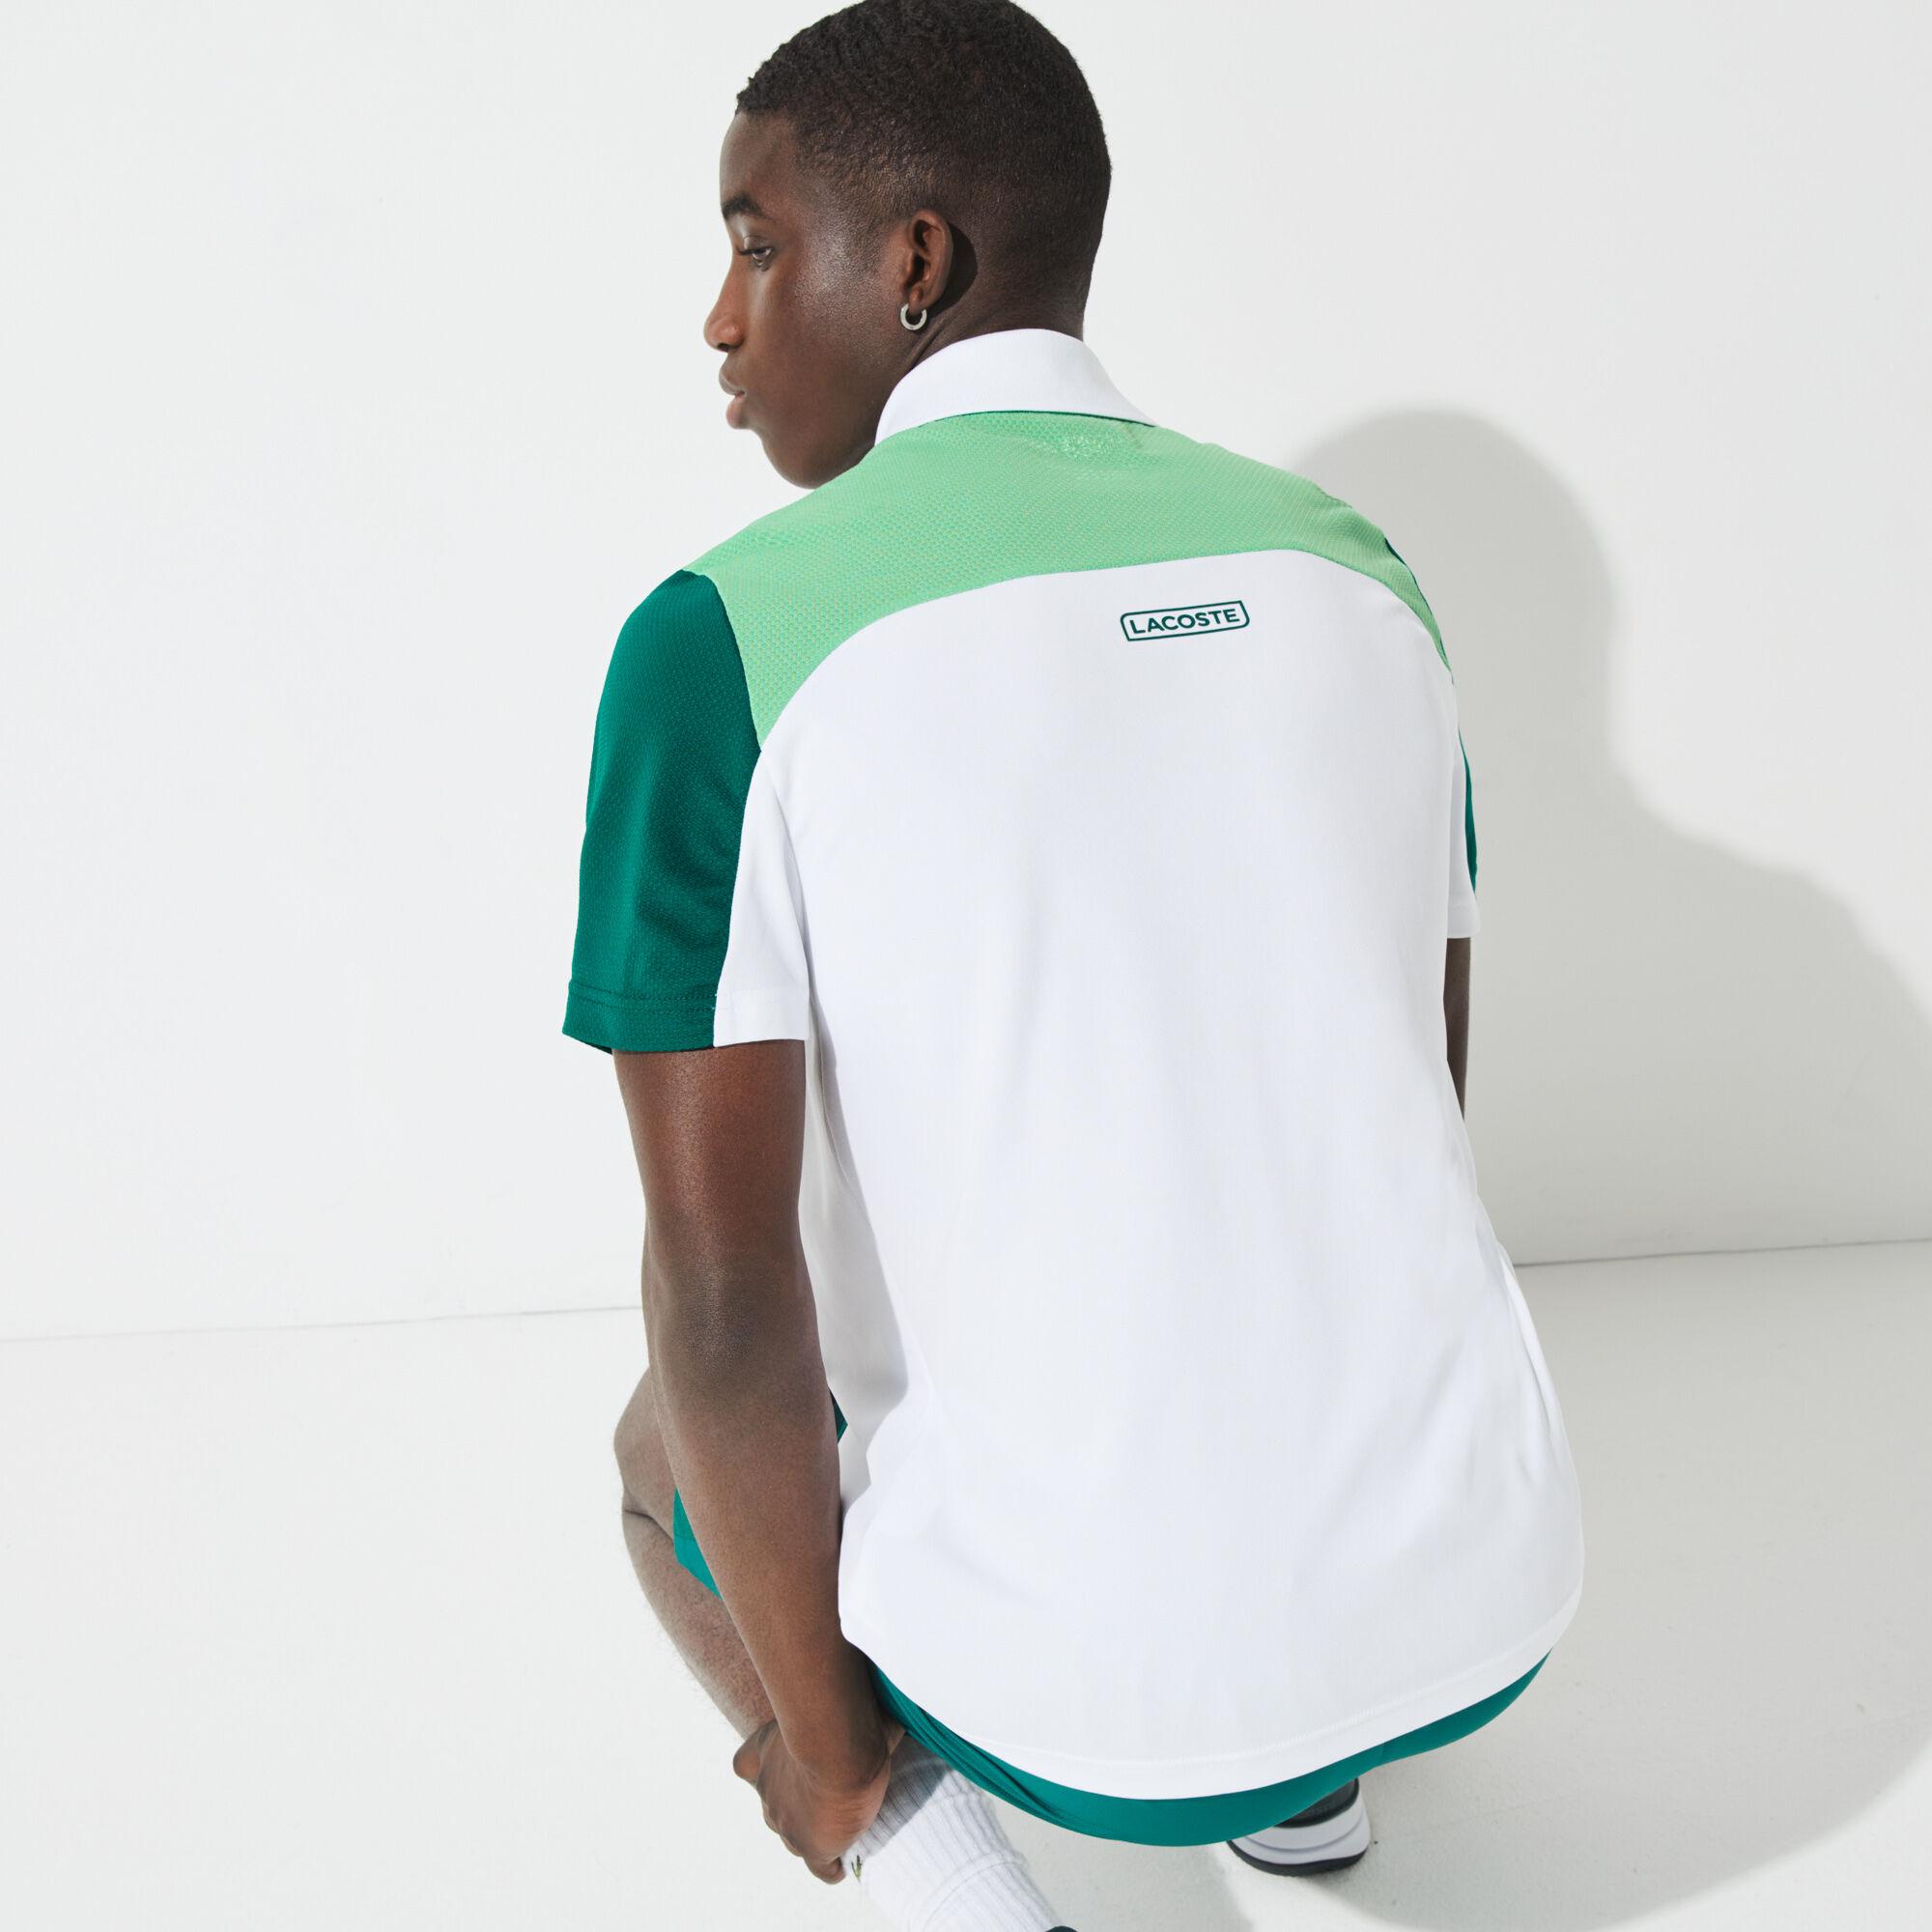 Men's Lacoste SPORT Breathable Colourblock Tennis Polo Shirt